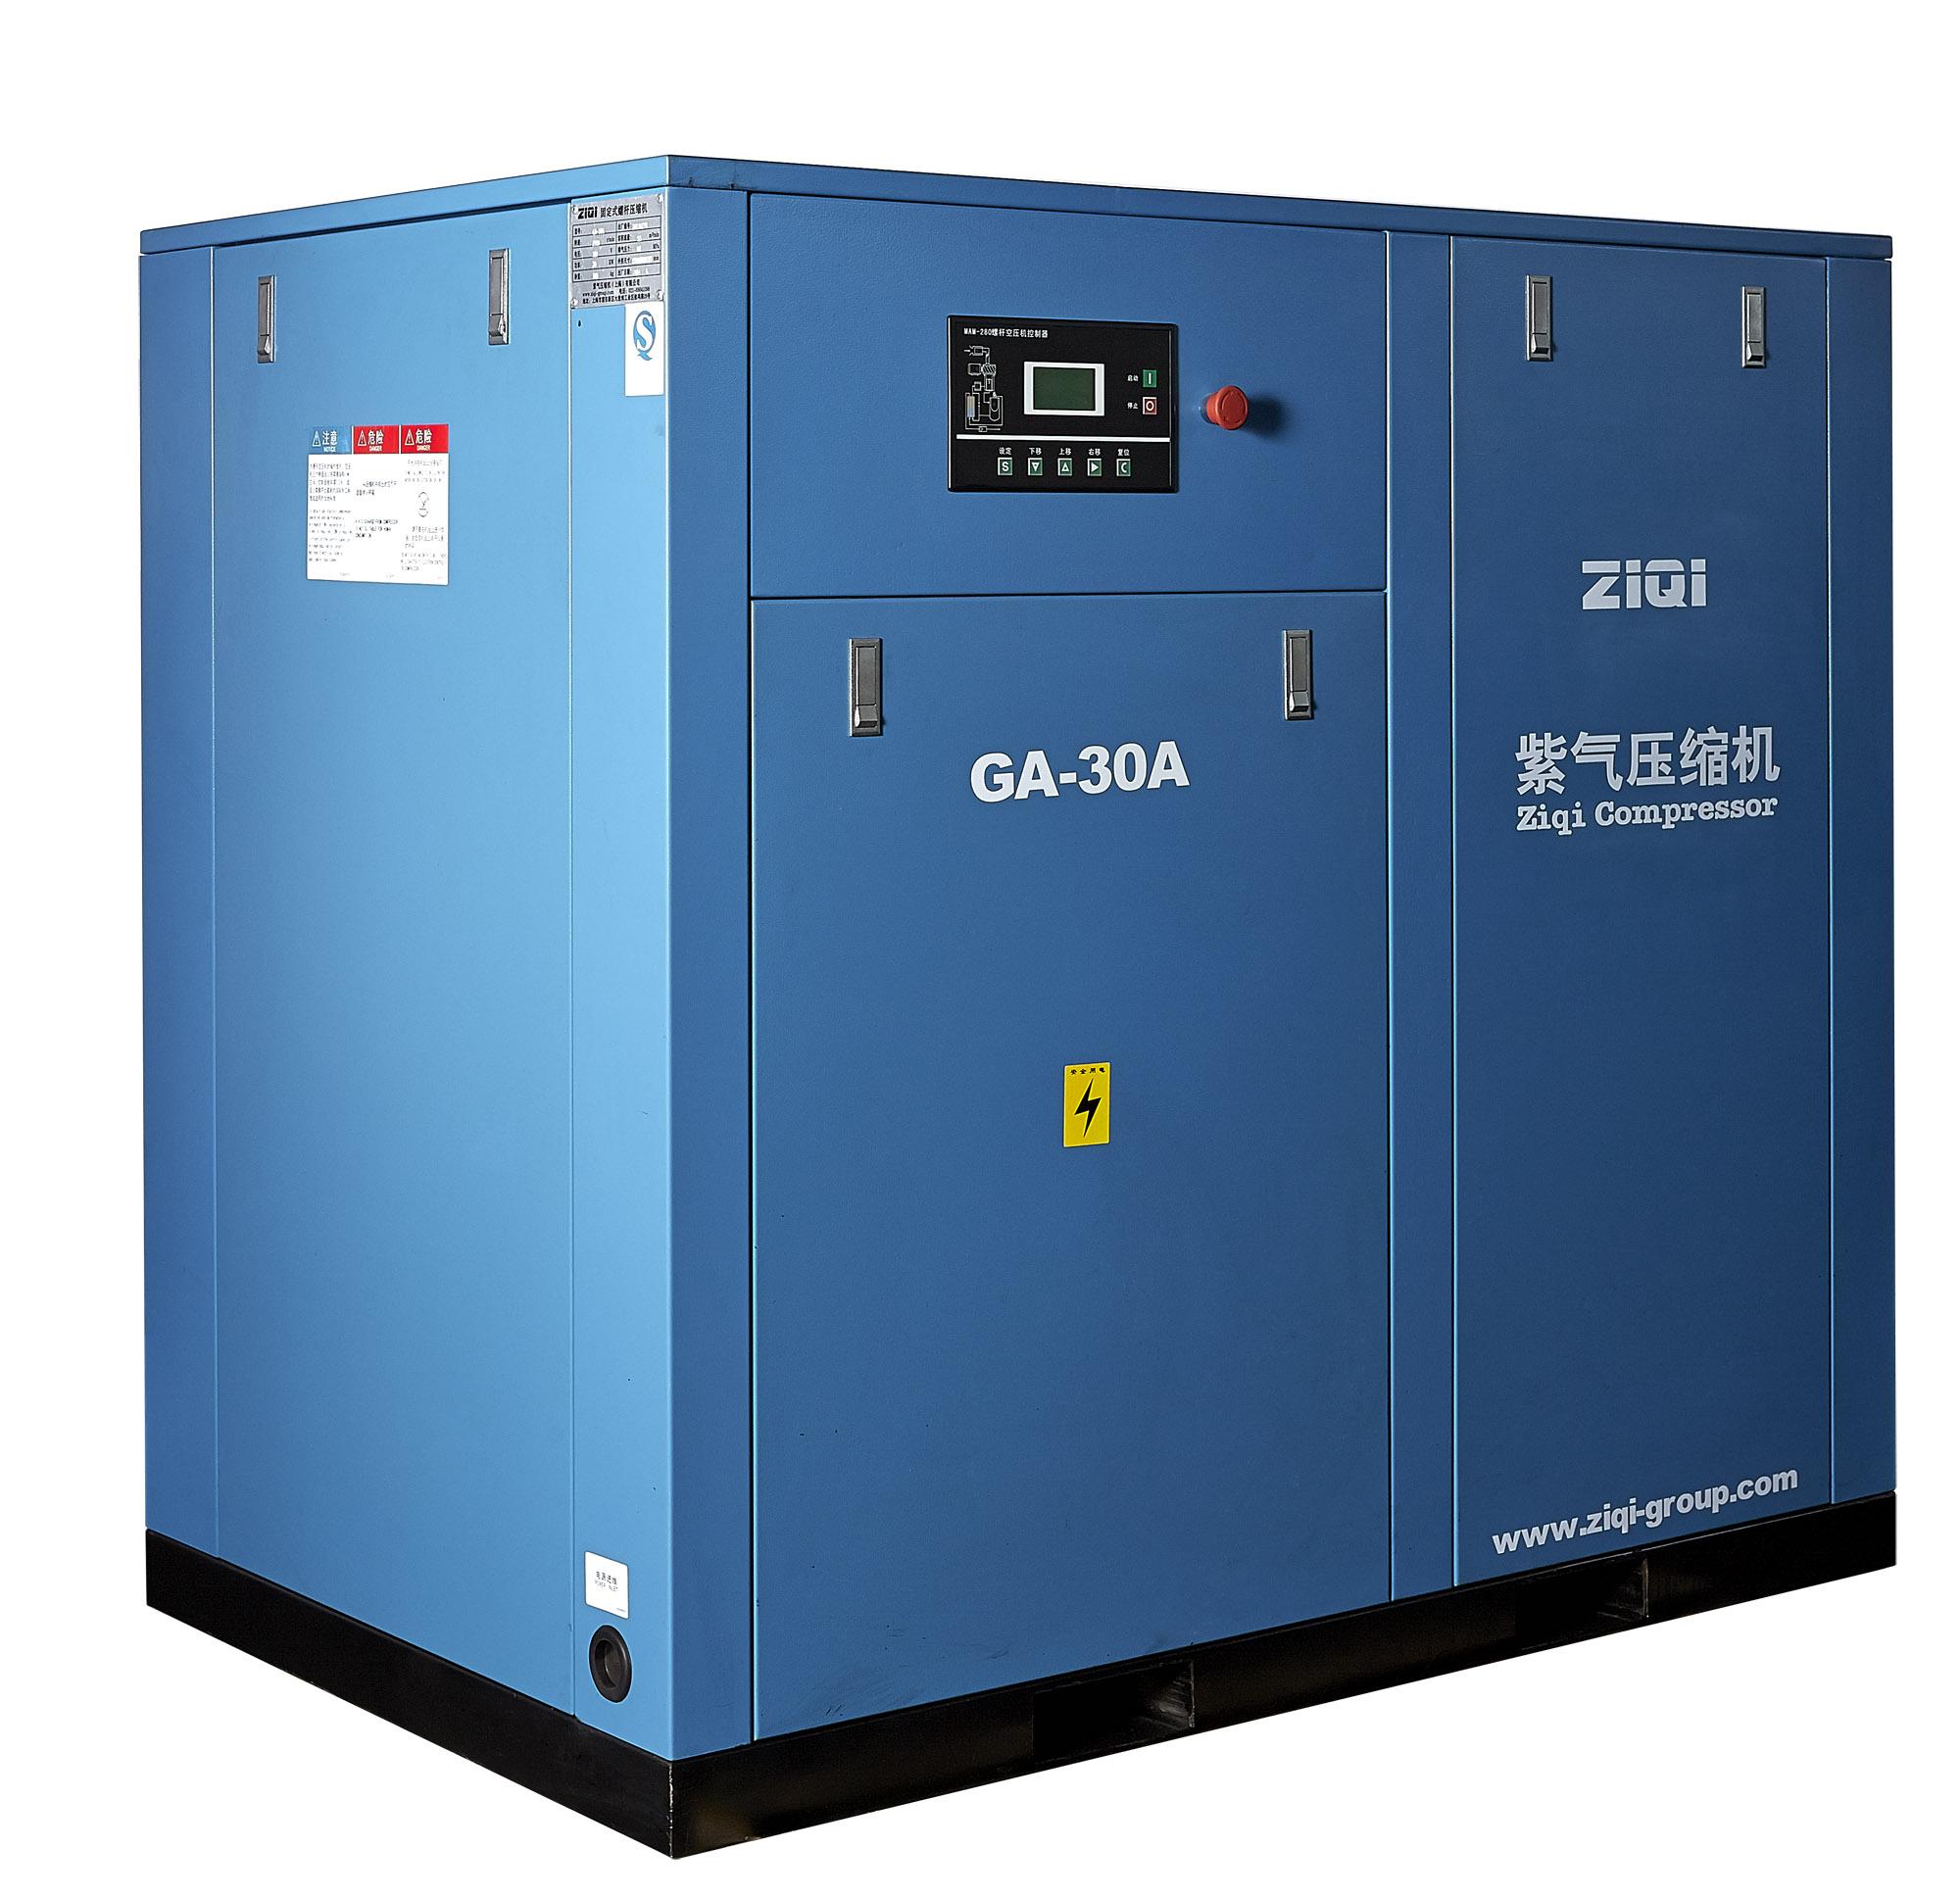 压缩空气燃油混合动力发动机工作过程可用能分析